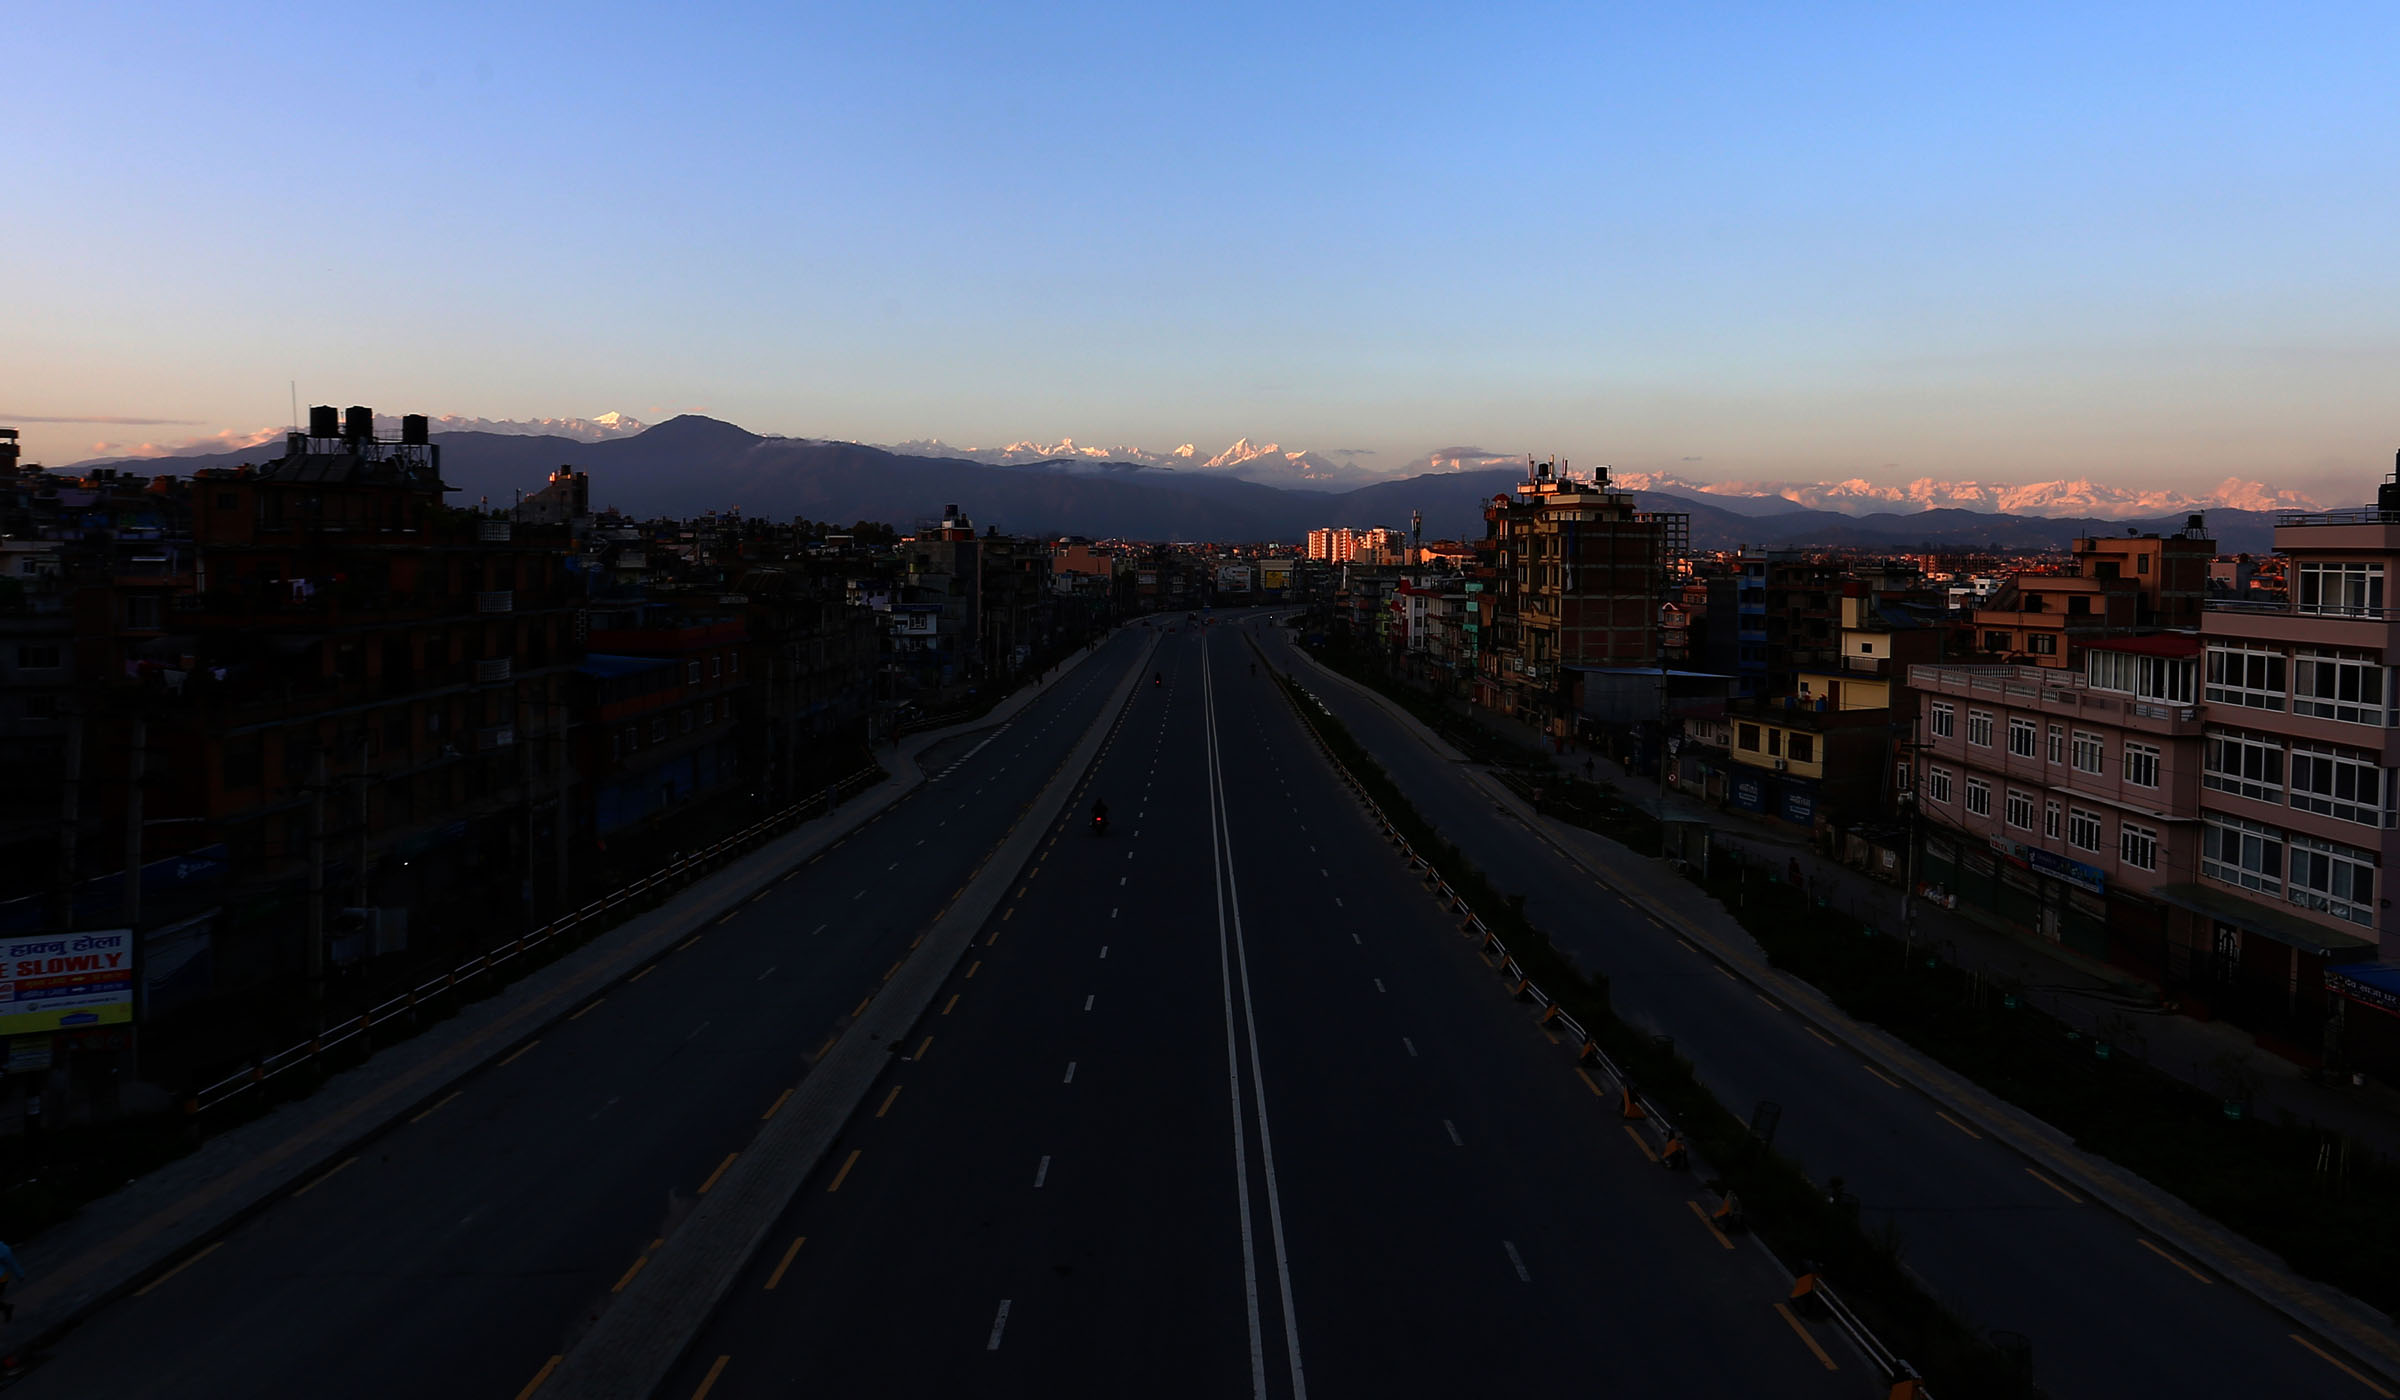 काठमाडौँ उपत्यका तथा त्यस वरपर क्षेत्रका दृश्य